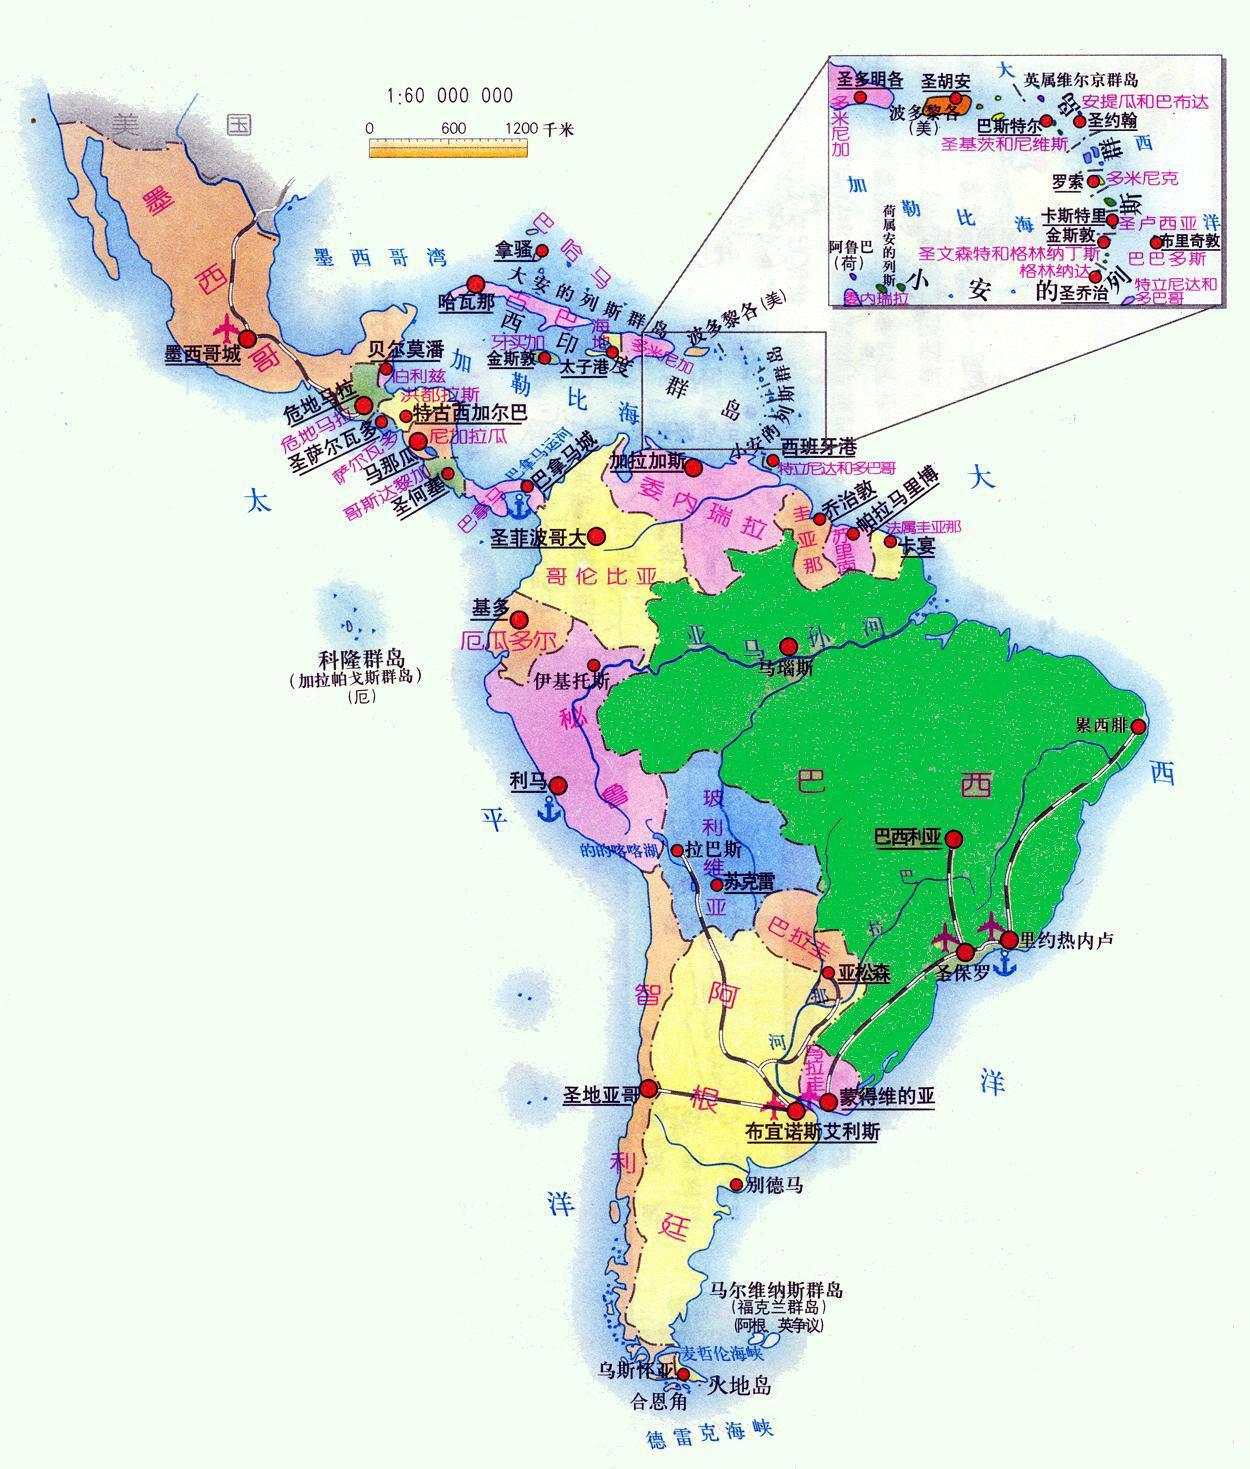 乌拉圭等南美洲